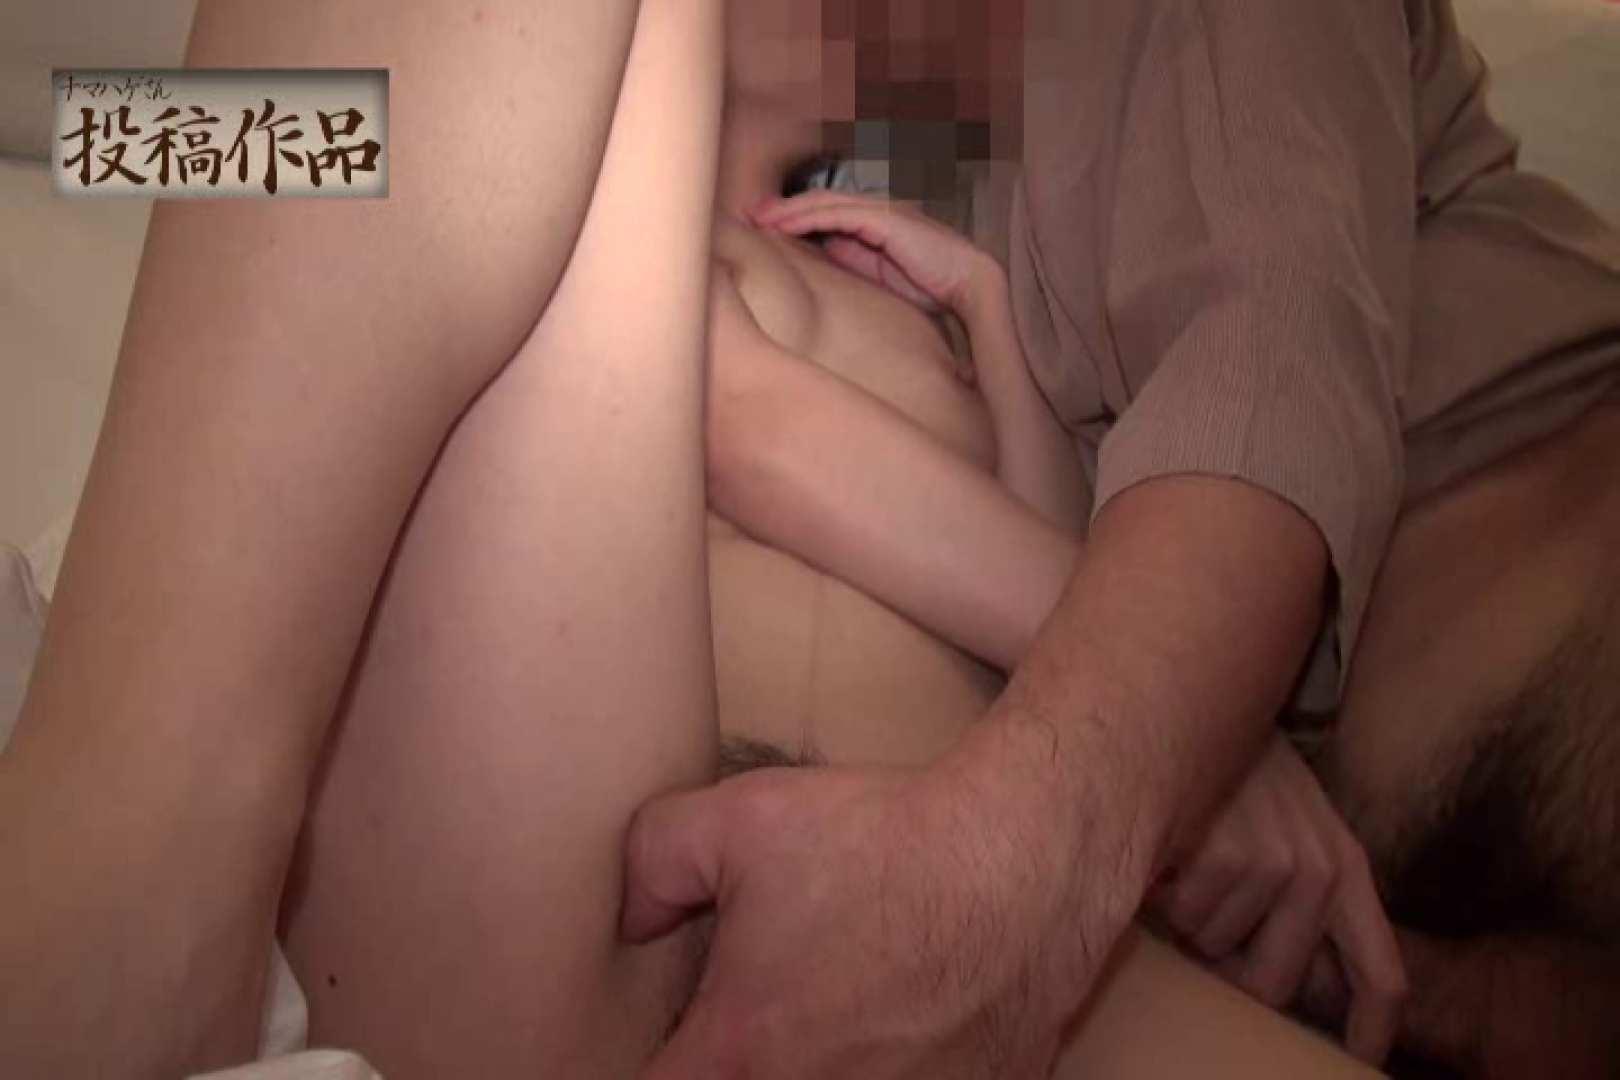 ナマハゲさんのまんこコレクション第二章 reiko02 SEX映像 | 0  62連発 19